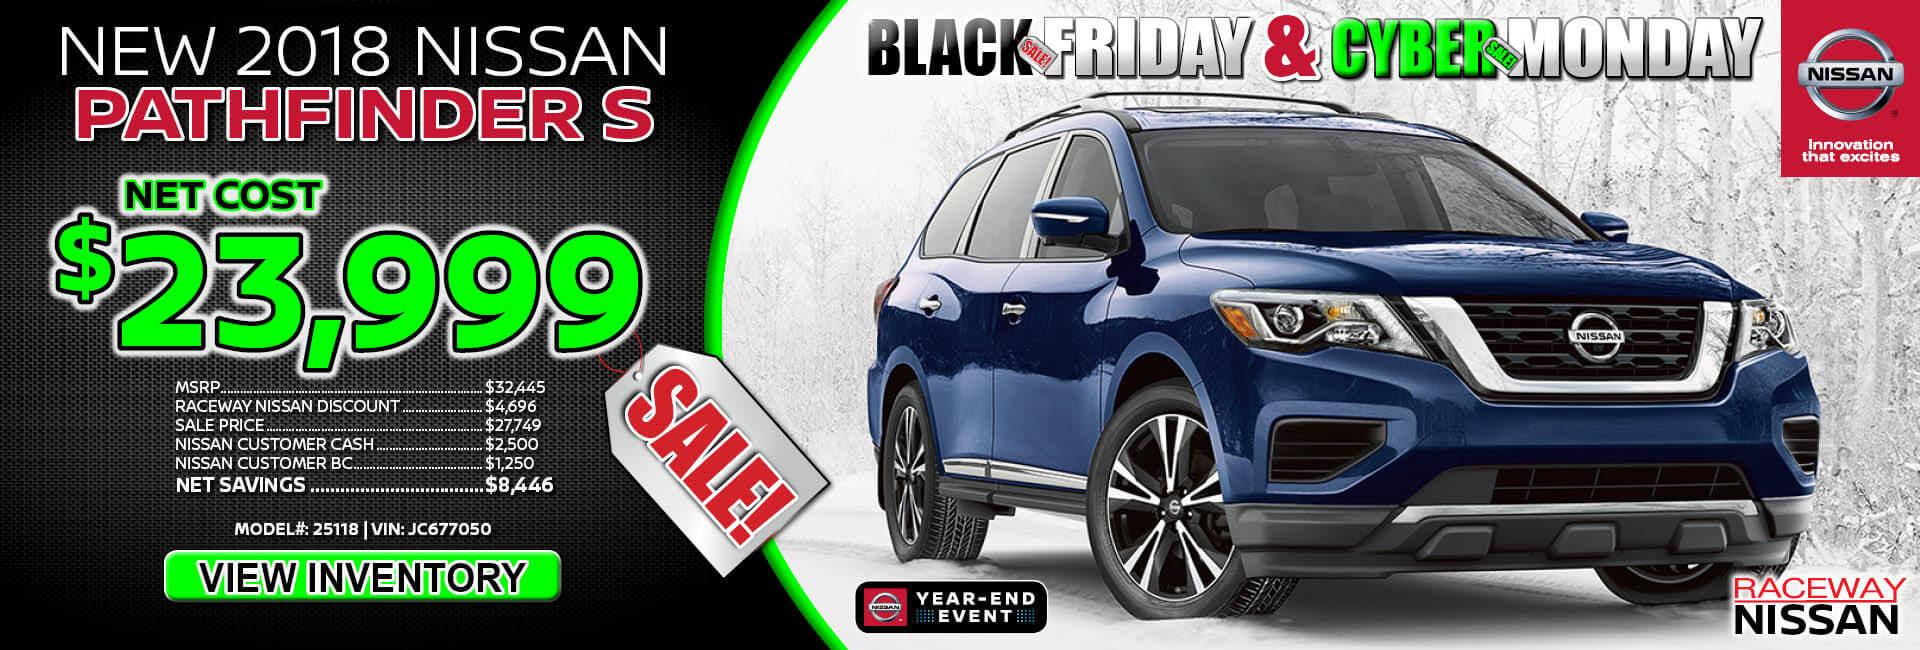 Nissan Pathfinder $23,999 Purchase